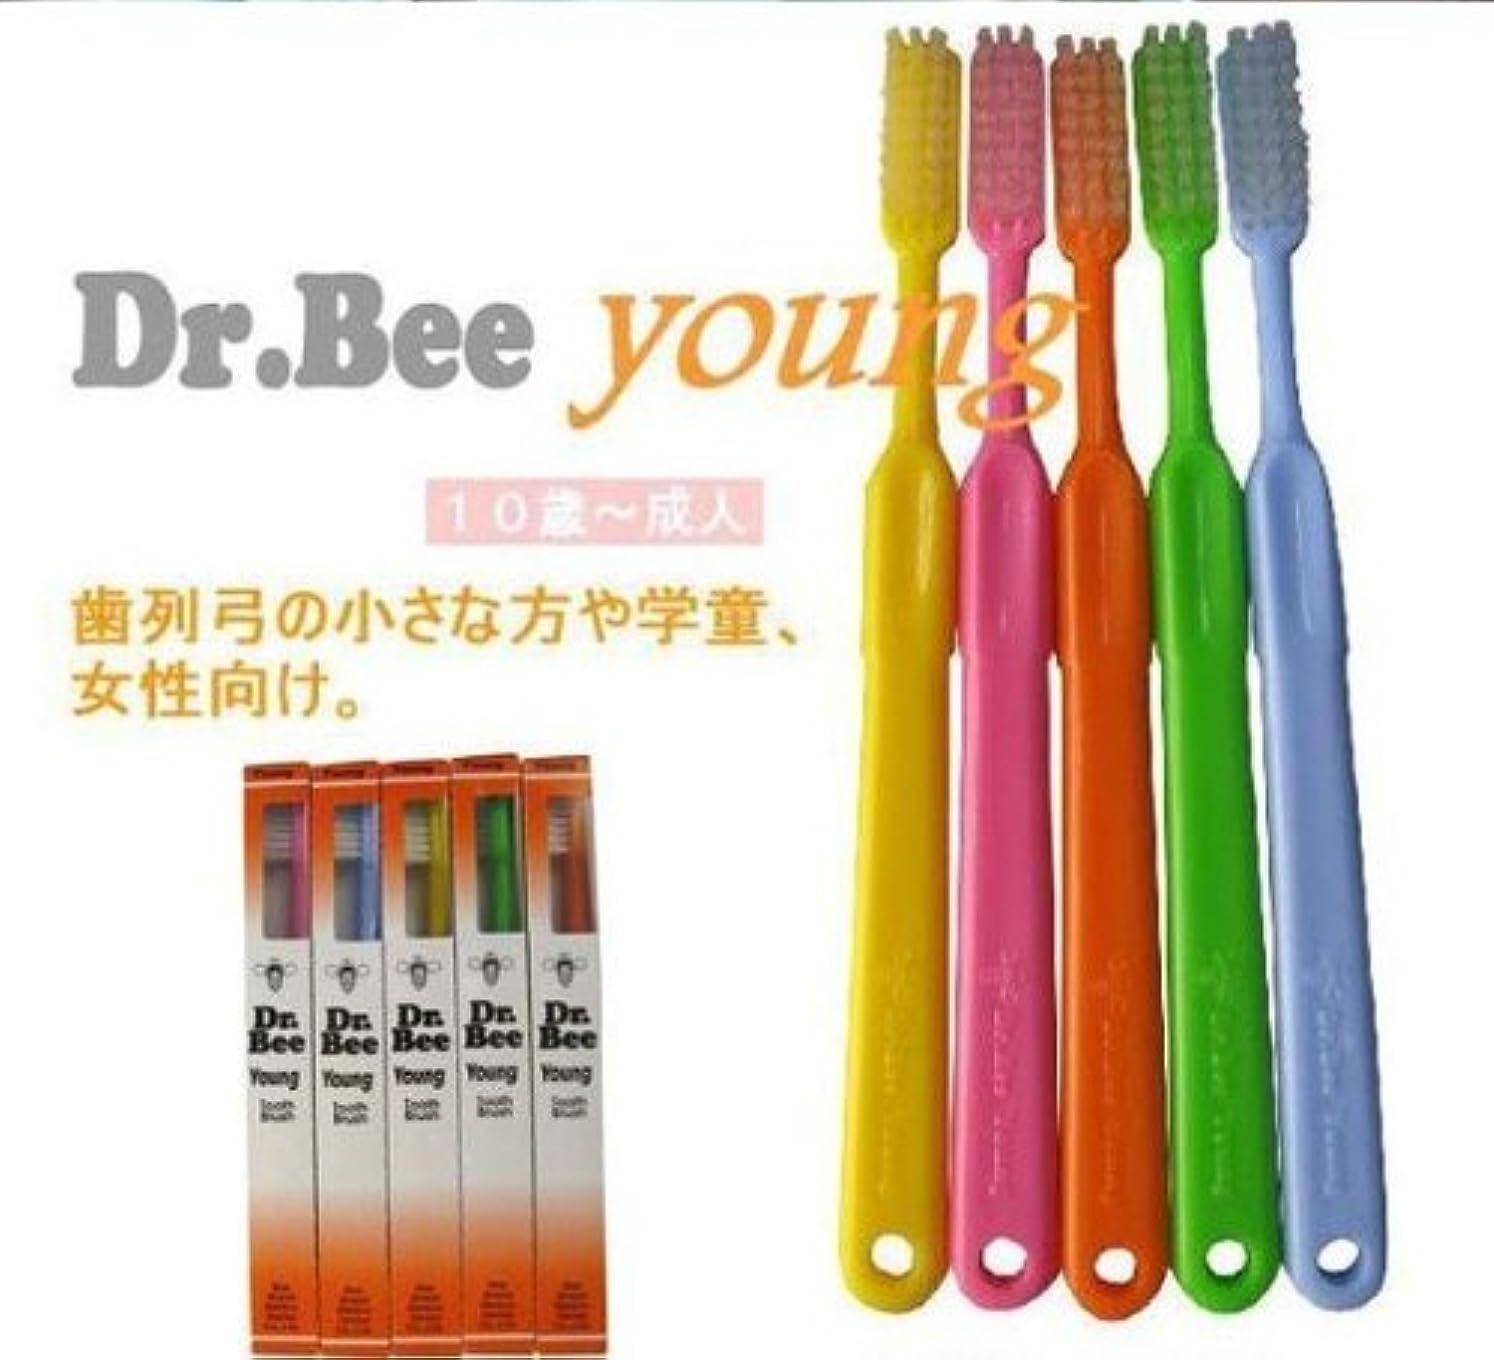 ページェント唇投資BeeBrand Dr.BEE 歯ブラシヤング かため